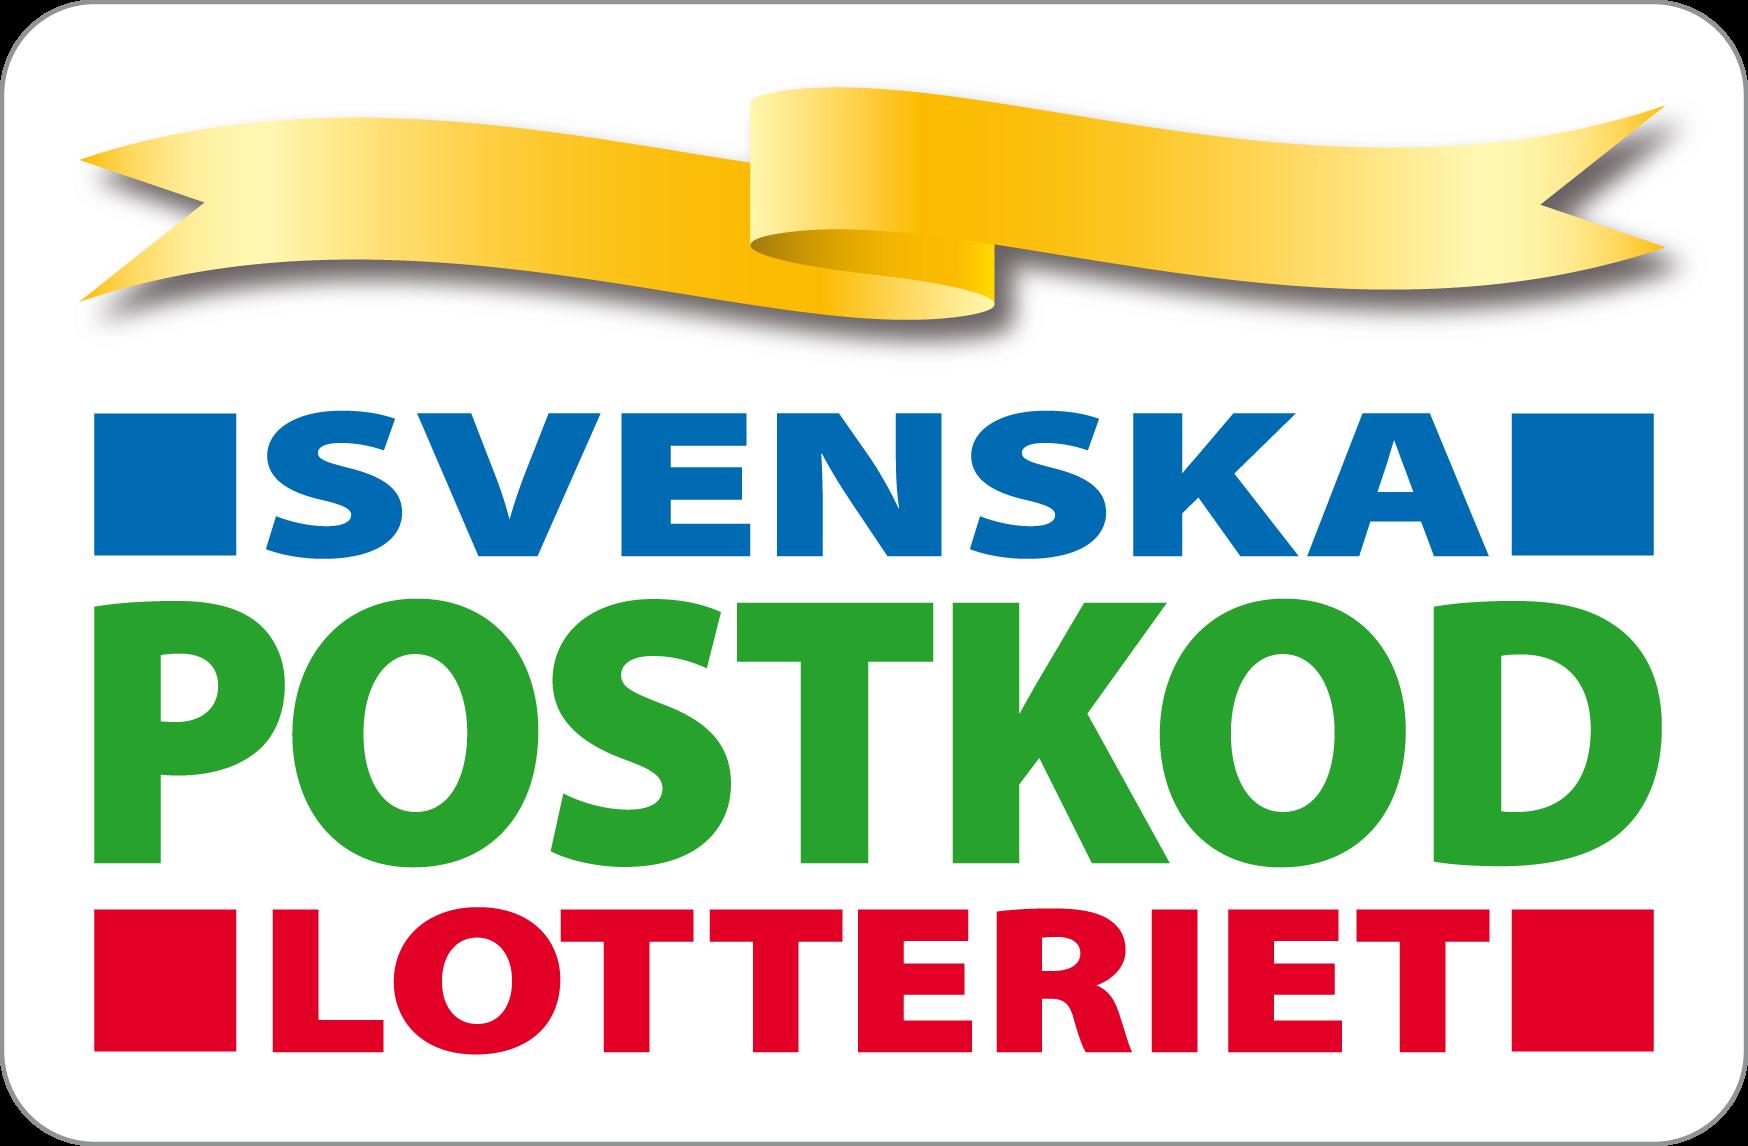 Logotyp för Svenska postkod lotteriet